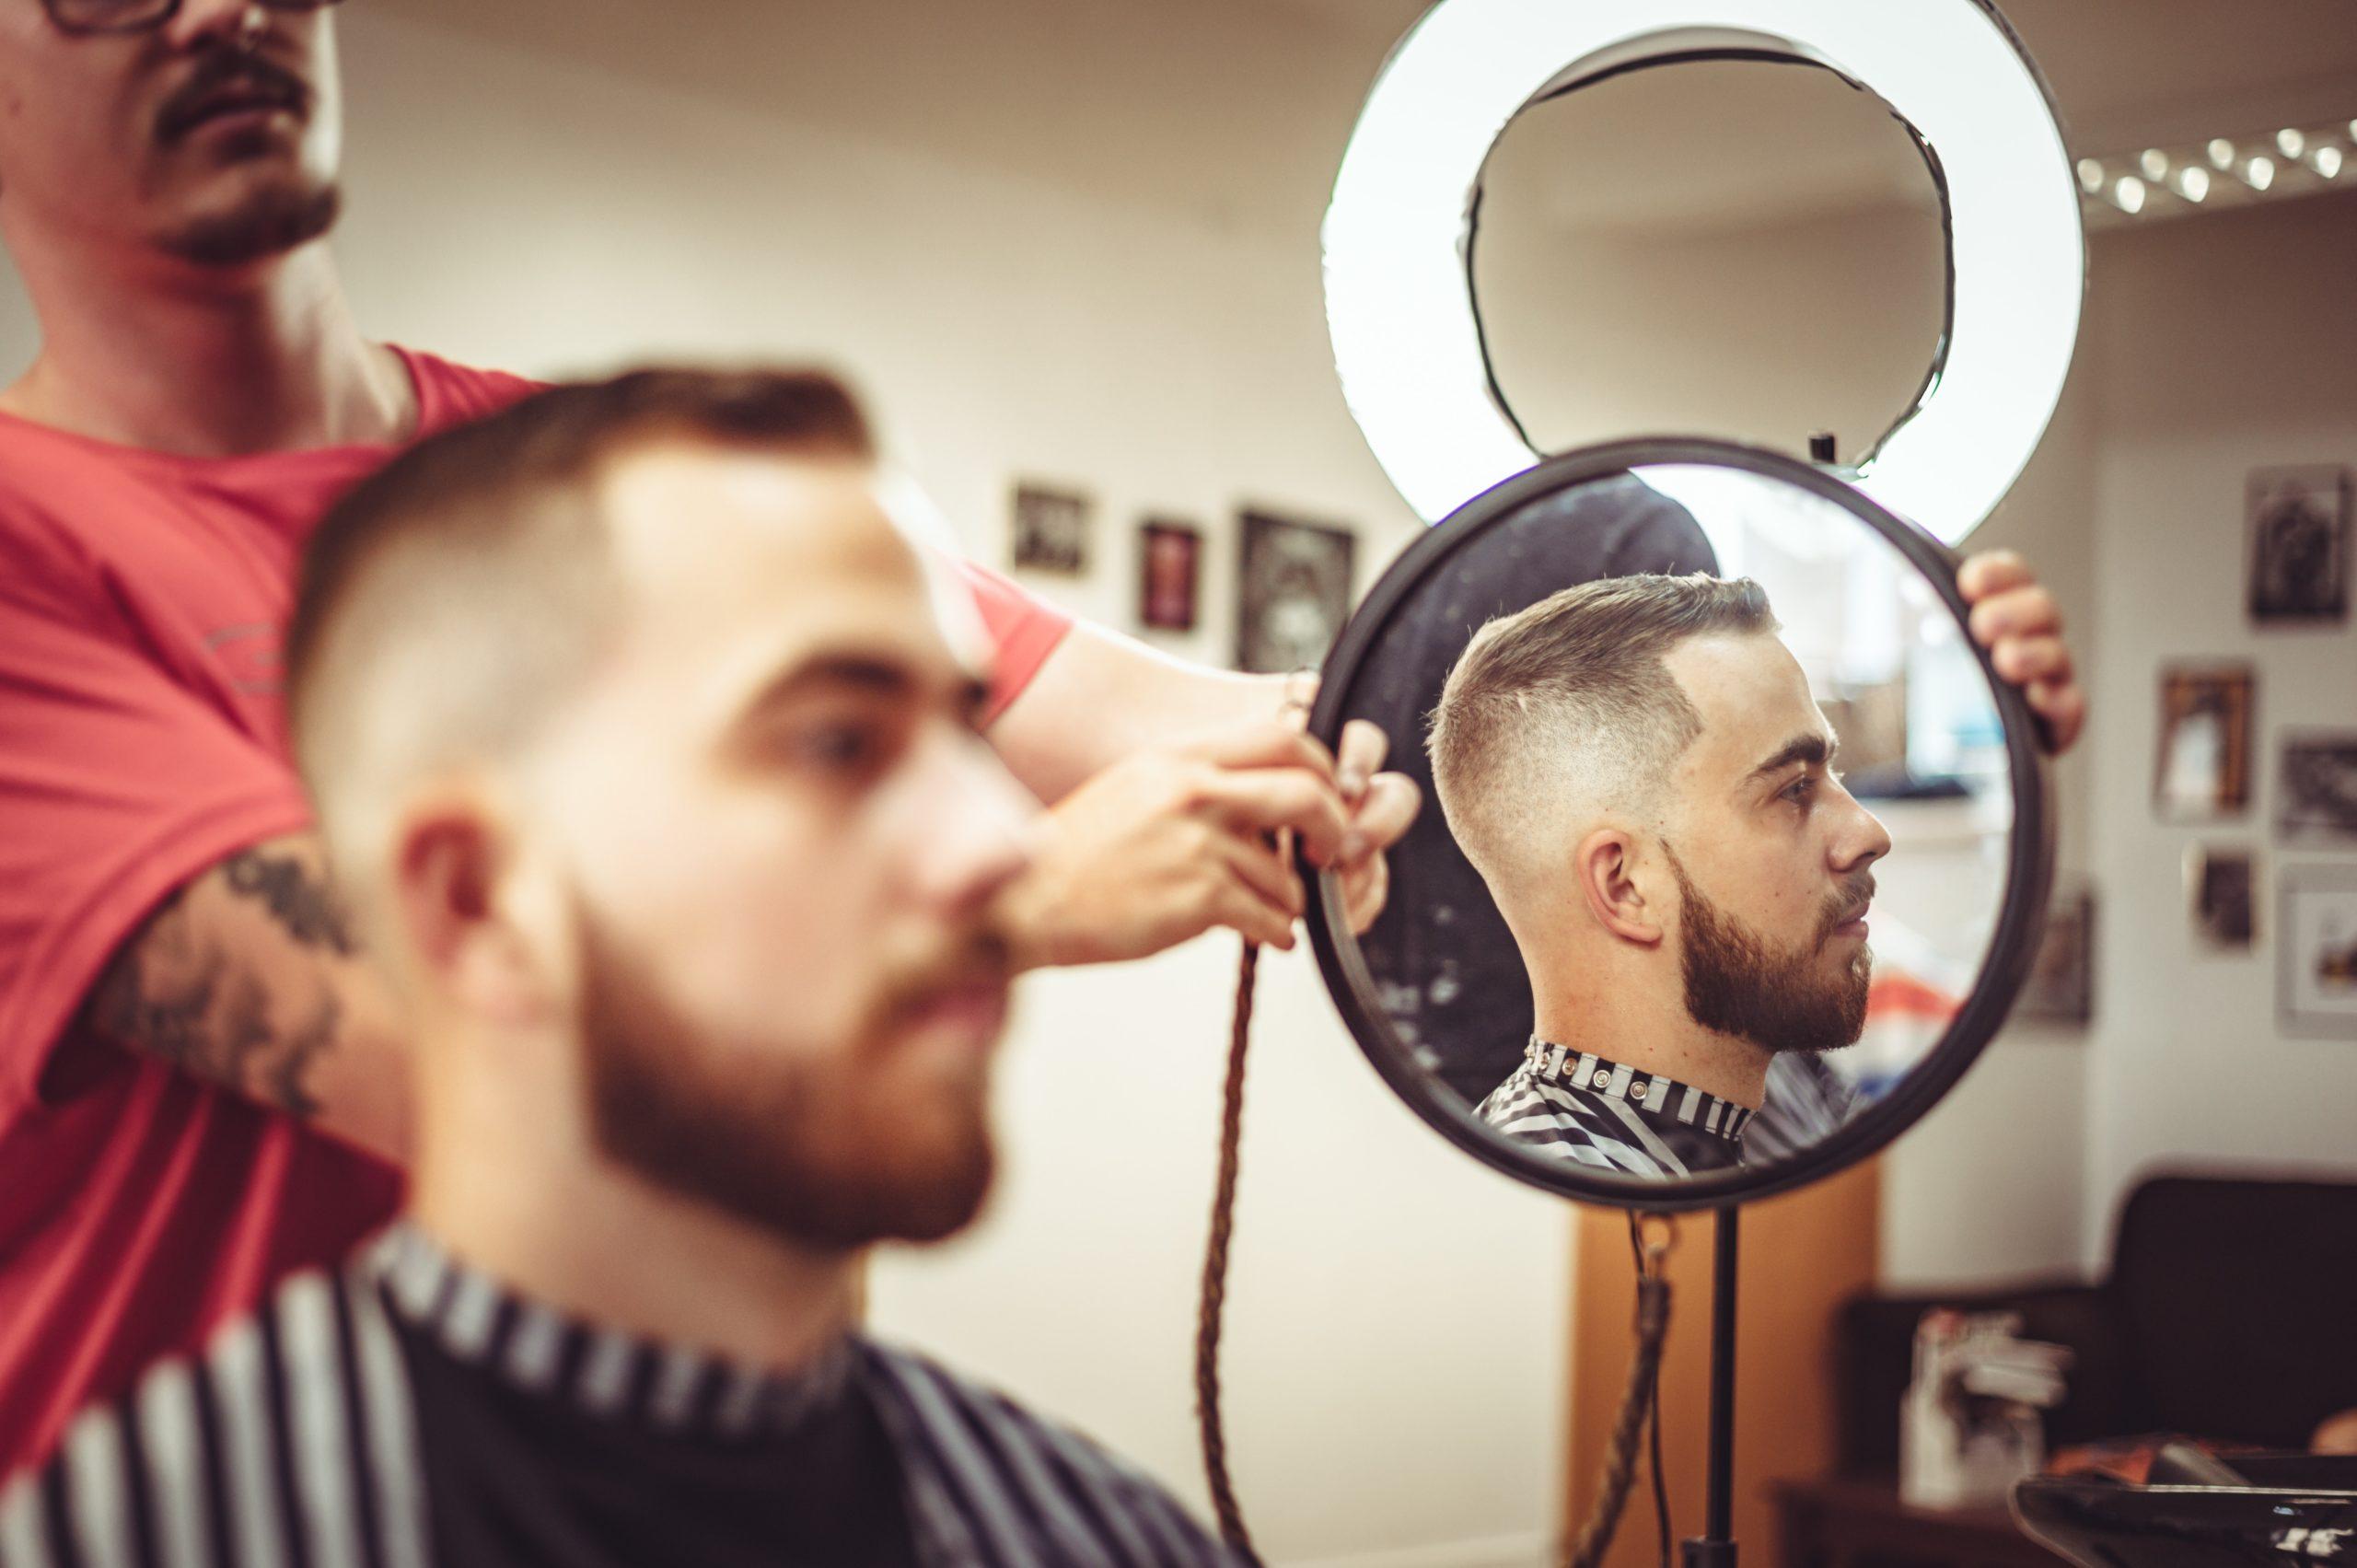 man being shown haircut through mirror